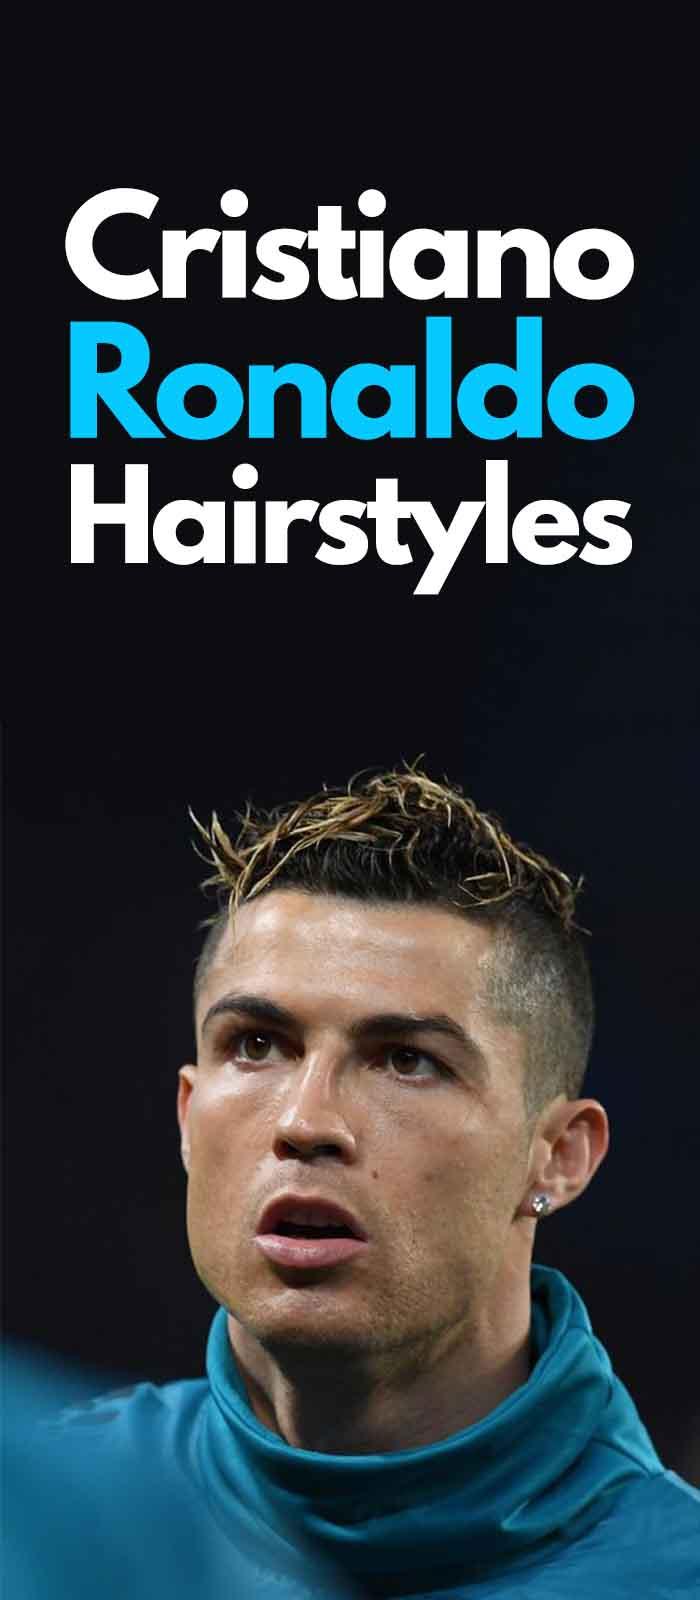 Cristiano Ronaldo Haircuts 2019!